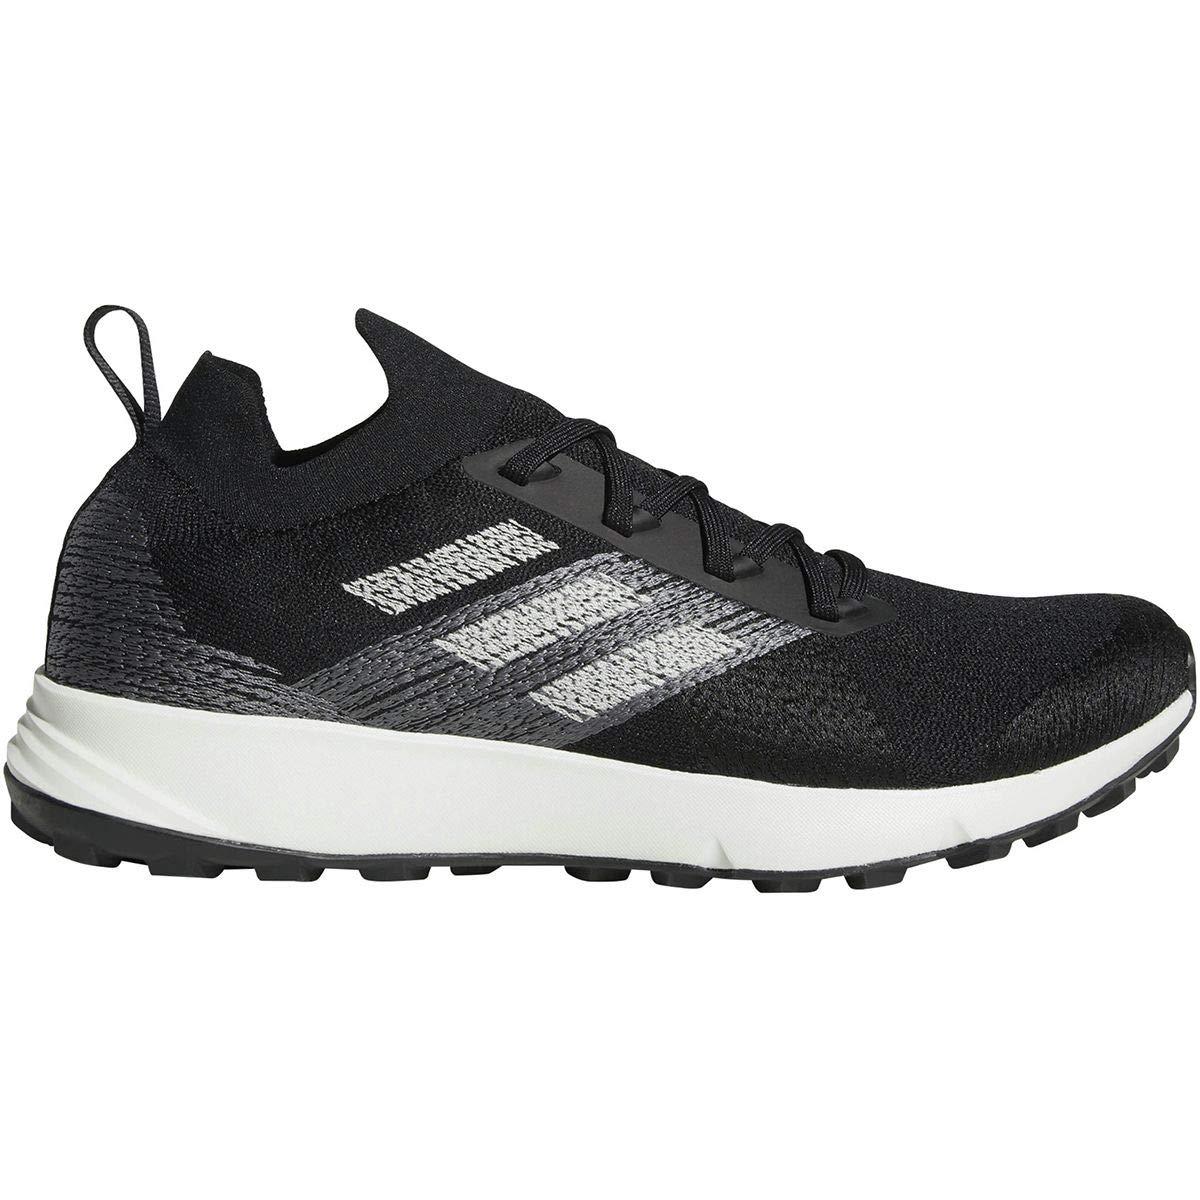 高価値 [アディダス] アウトドア メンズ ランニング [アディダス] Terrex [並行輸入品] Two Parley 10 Running Shoe [並行輸入品] B07NYXXYTF 10, 書道用品 奈良 寿香堂:ecd90d14 --- tutor.officeporto.com